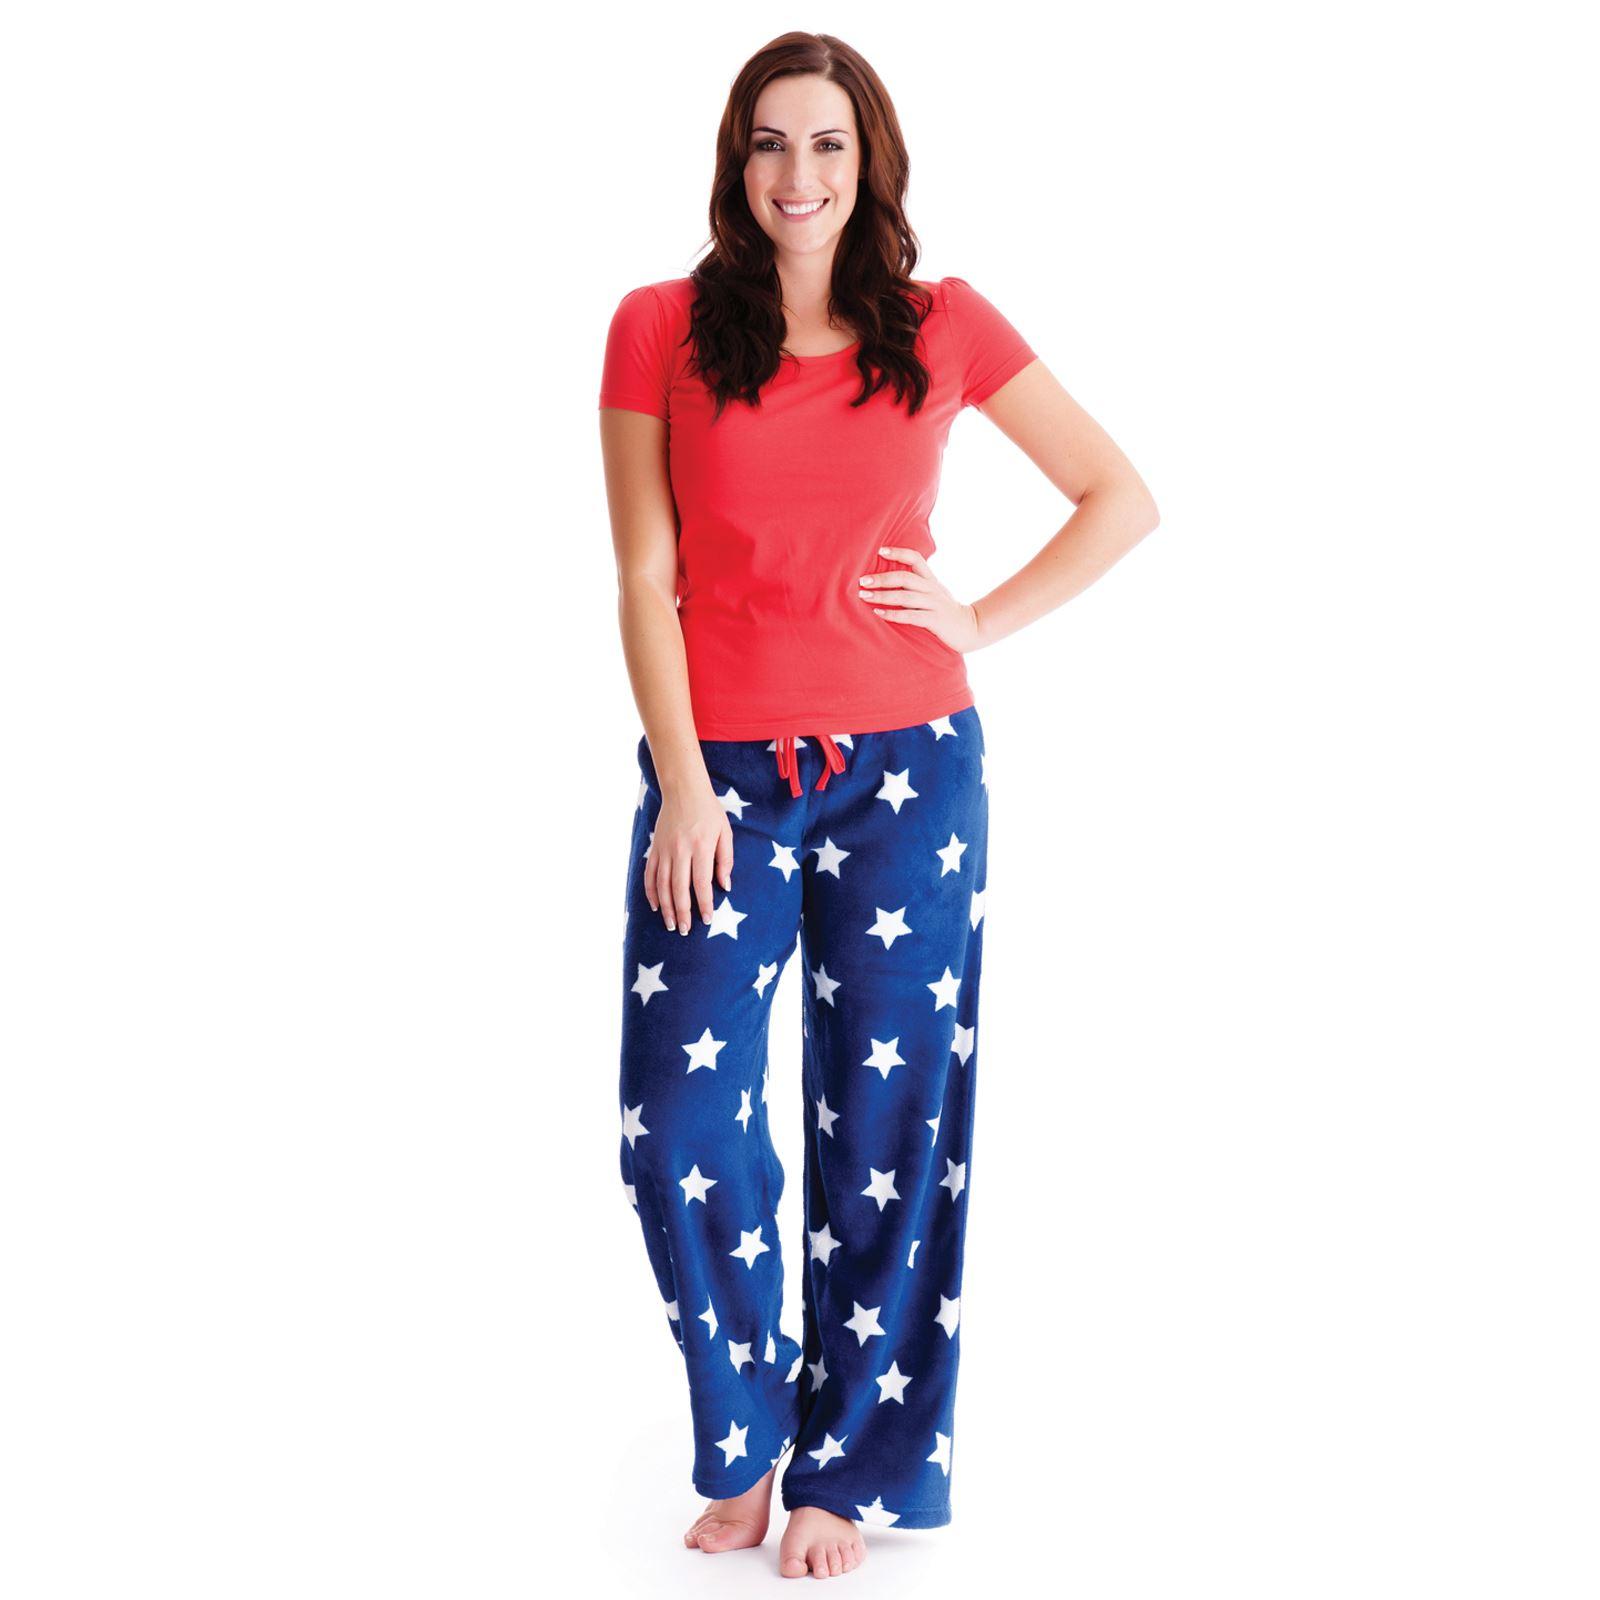 Stylish and comfortable womens pyjamas